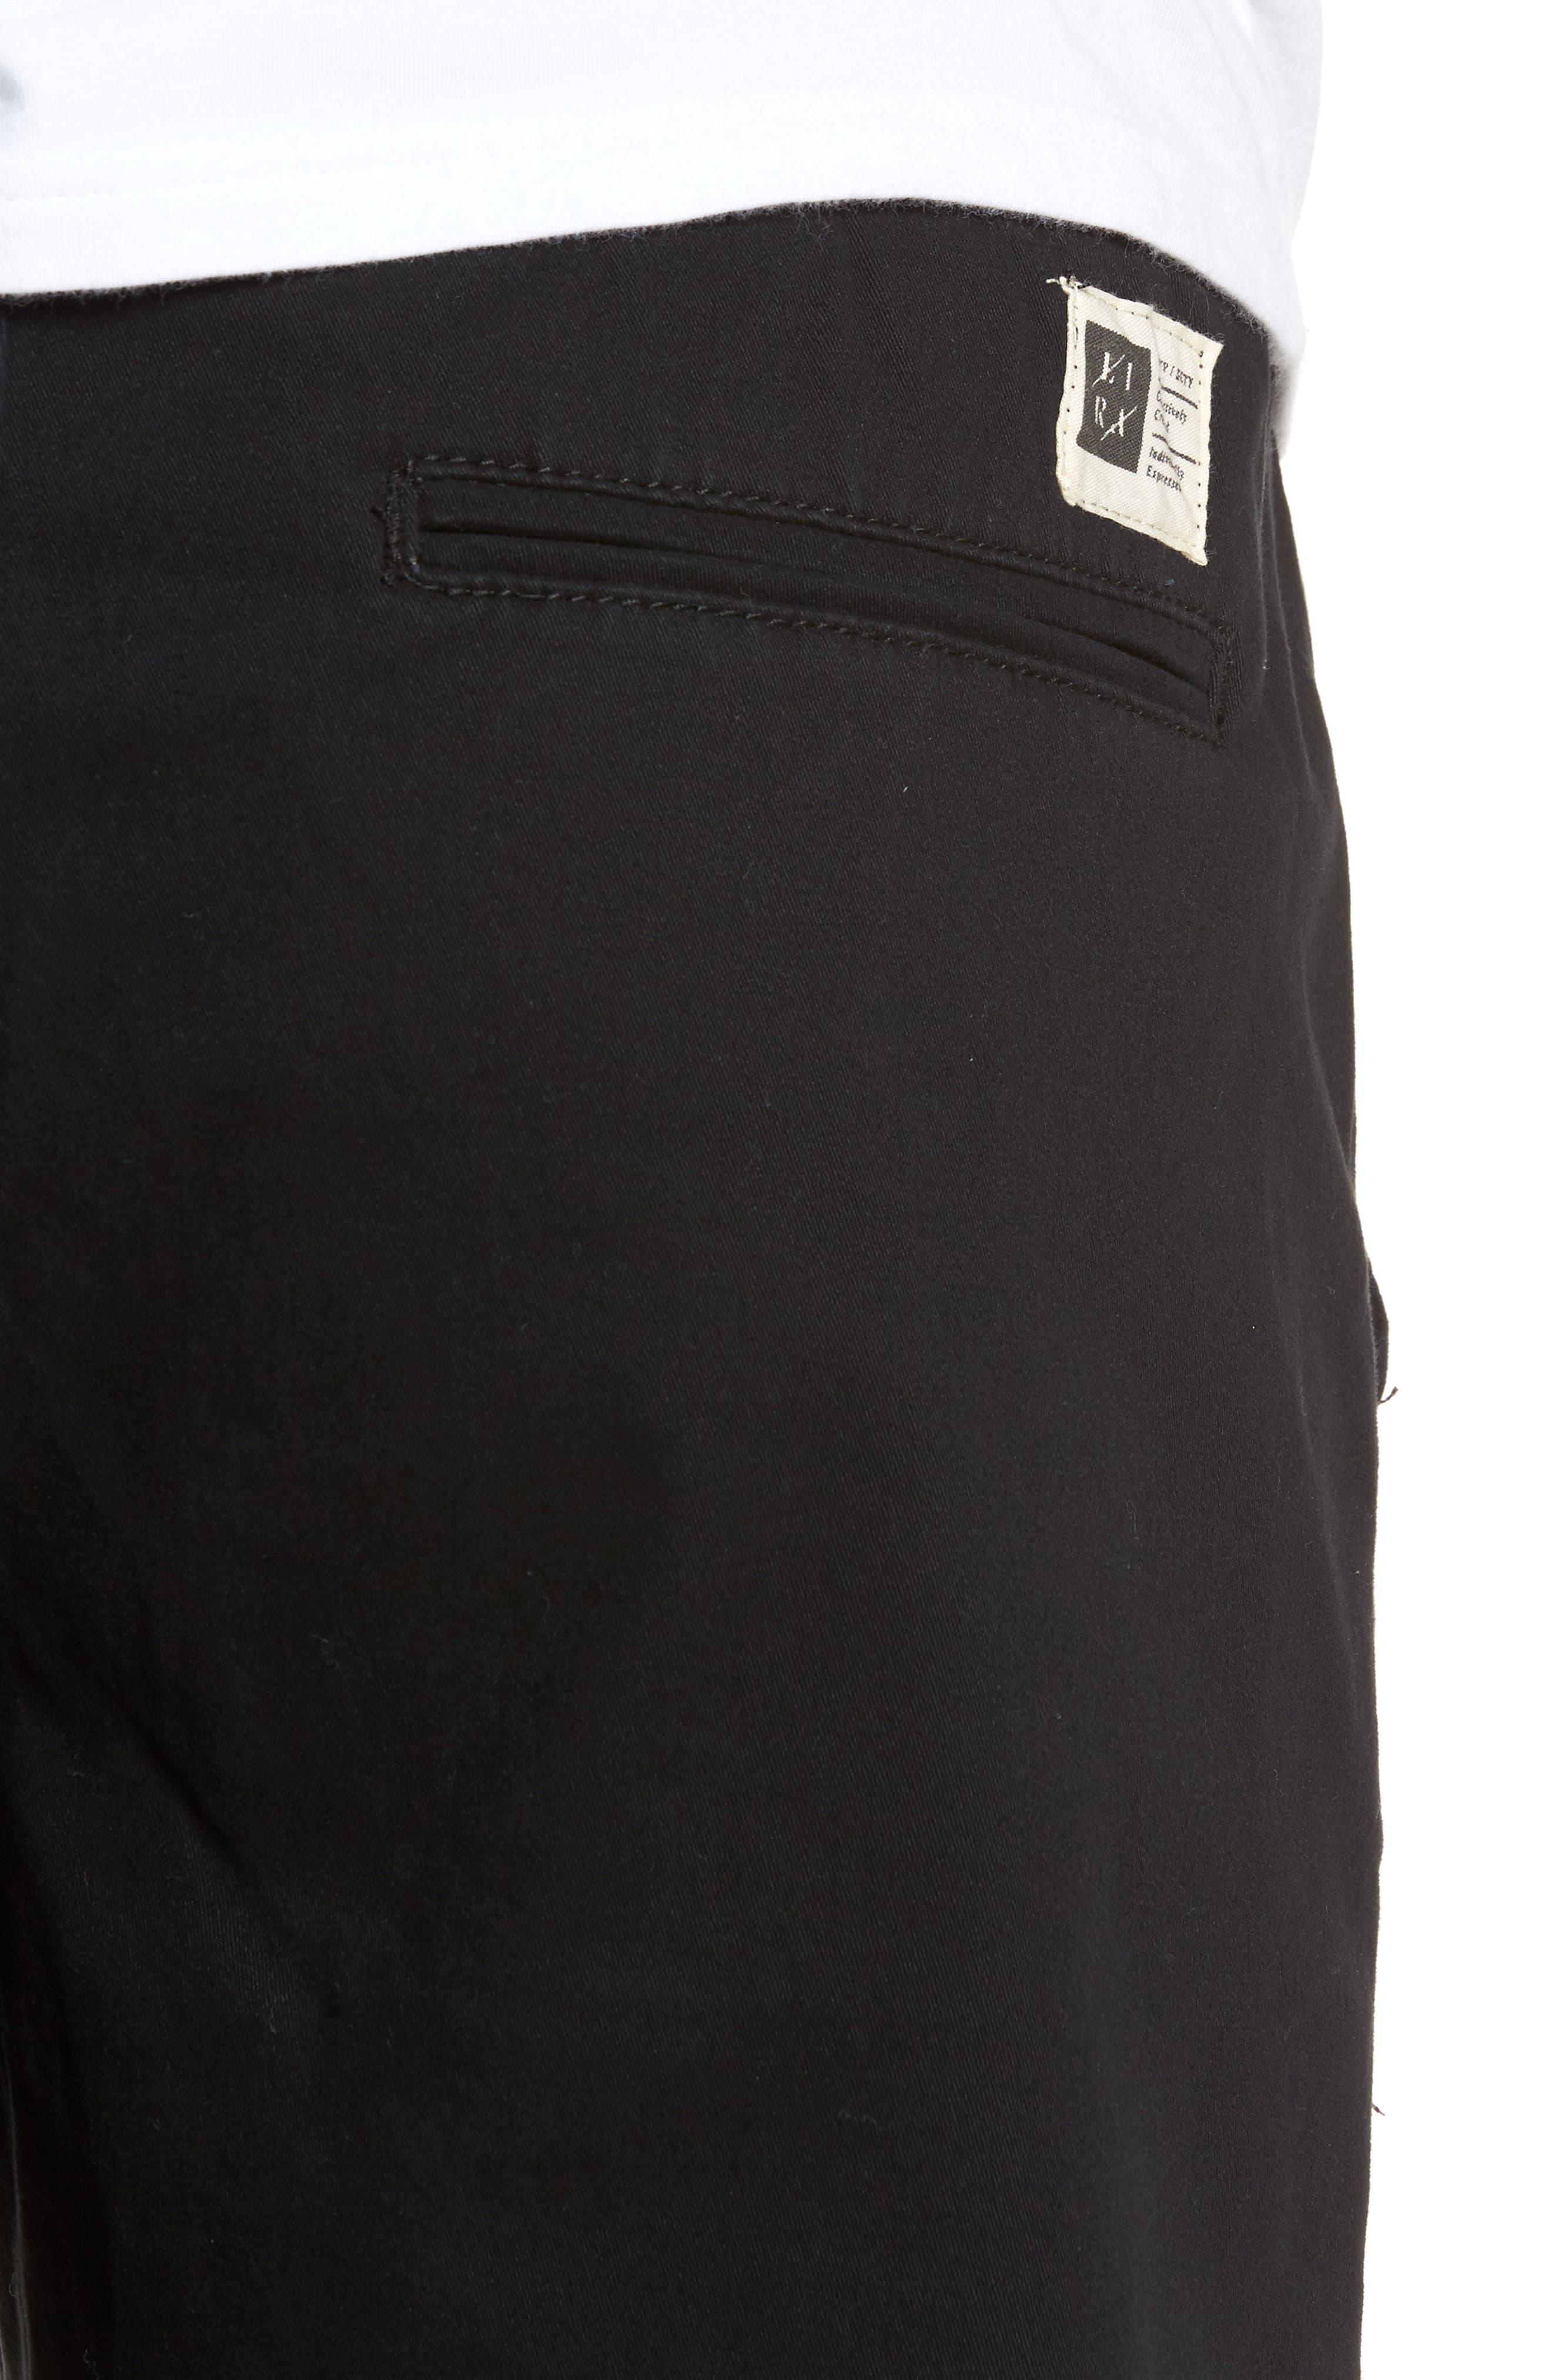 LIRA CLOTHING,                             Weekday Shorts,                             Alternate thumbnail 4, color,                             001